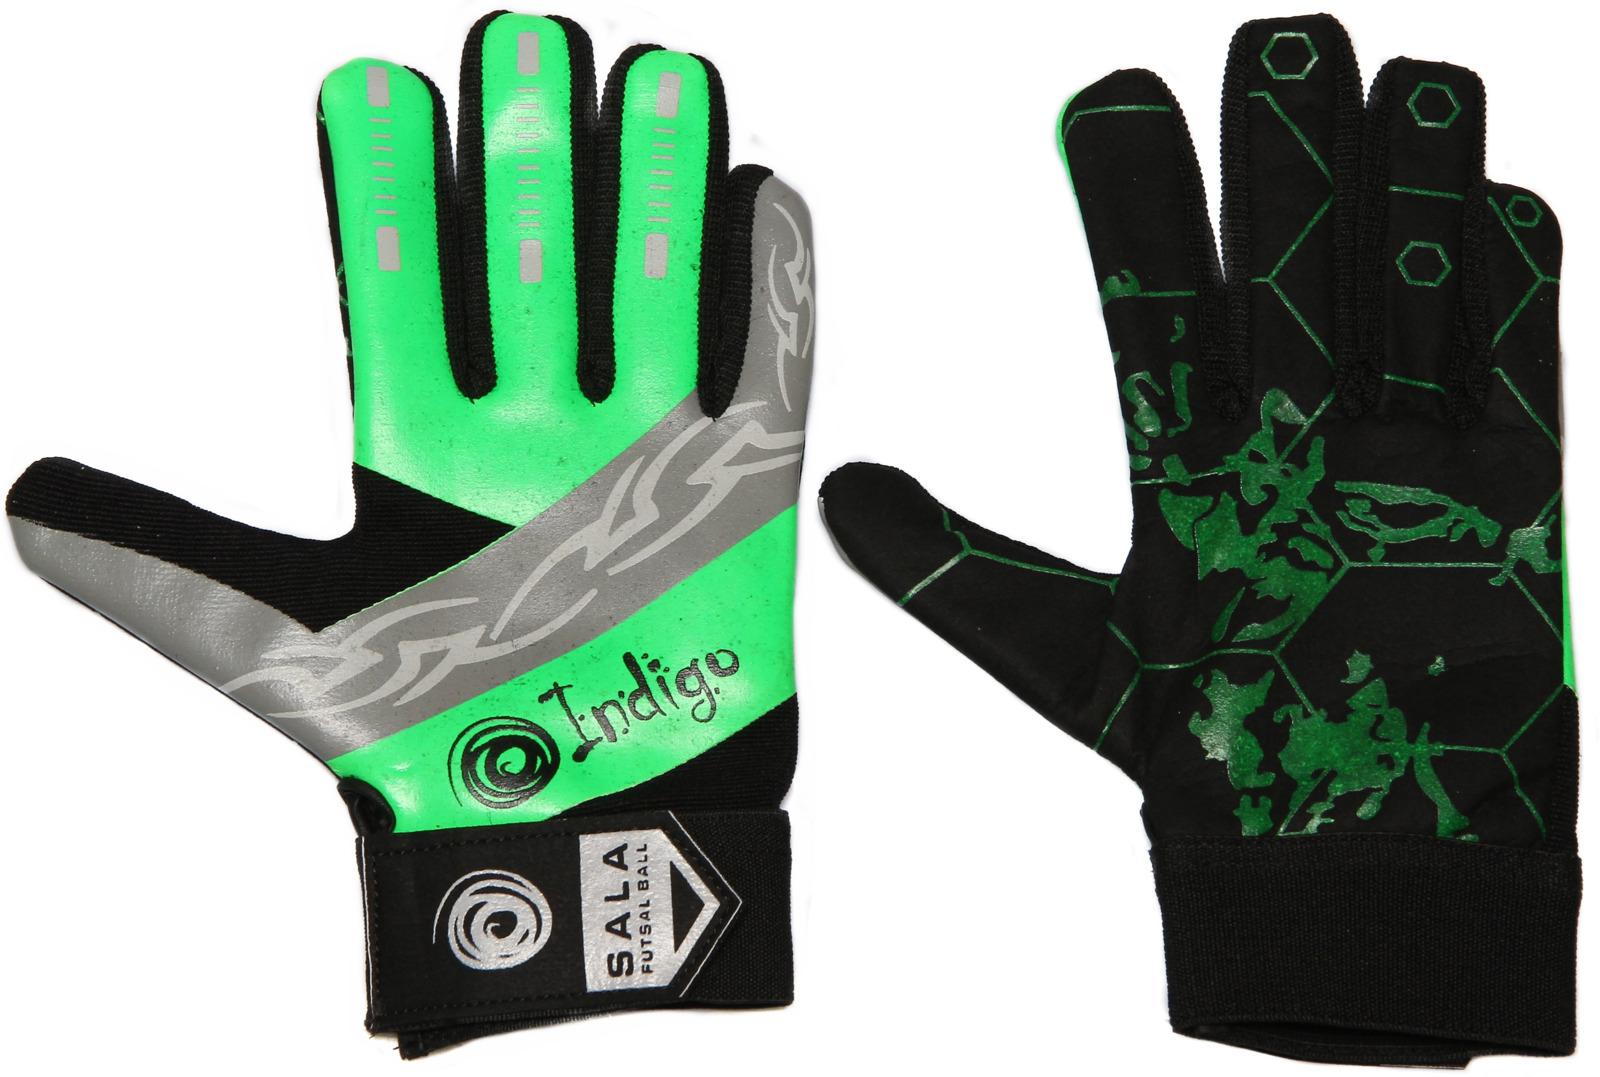 Перчатки вратарские для футзала Indigo, 200022, зеленый, черный, размер 9